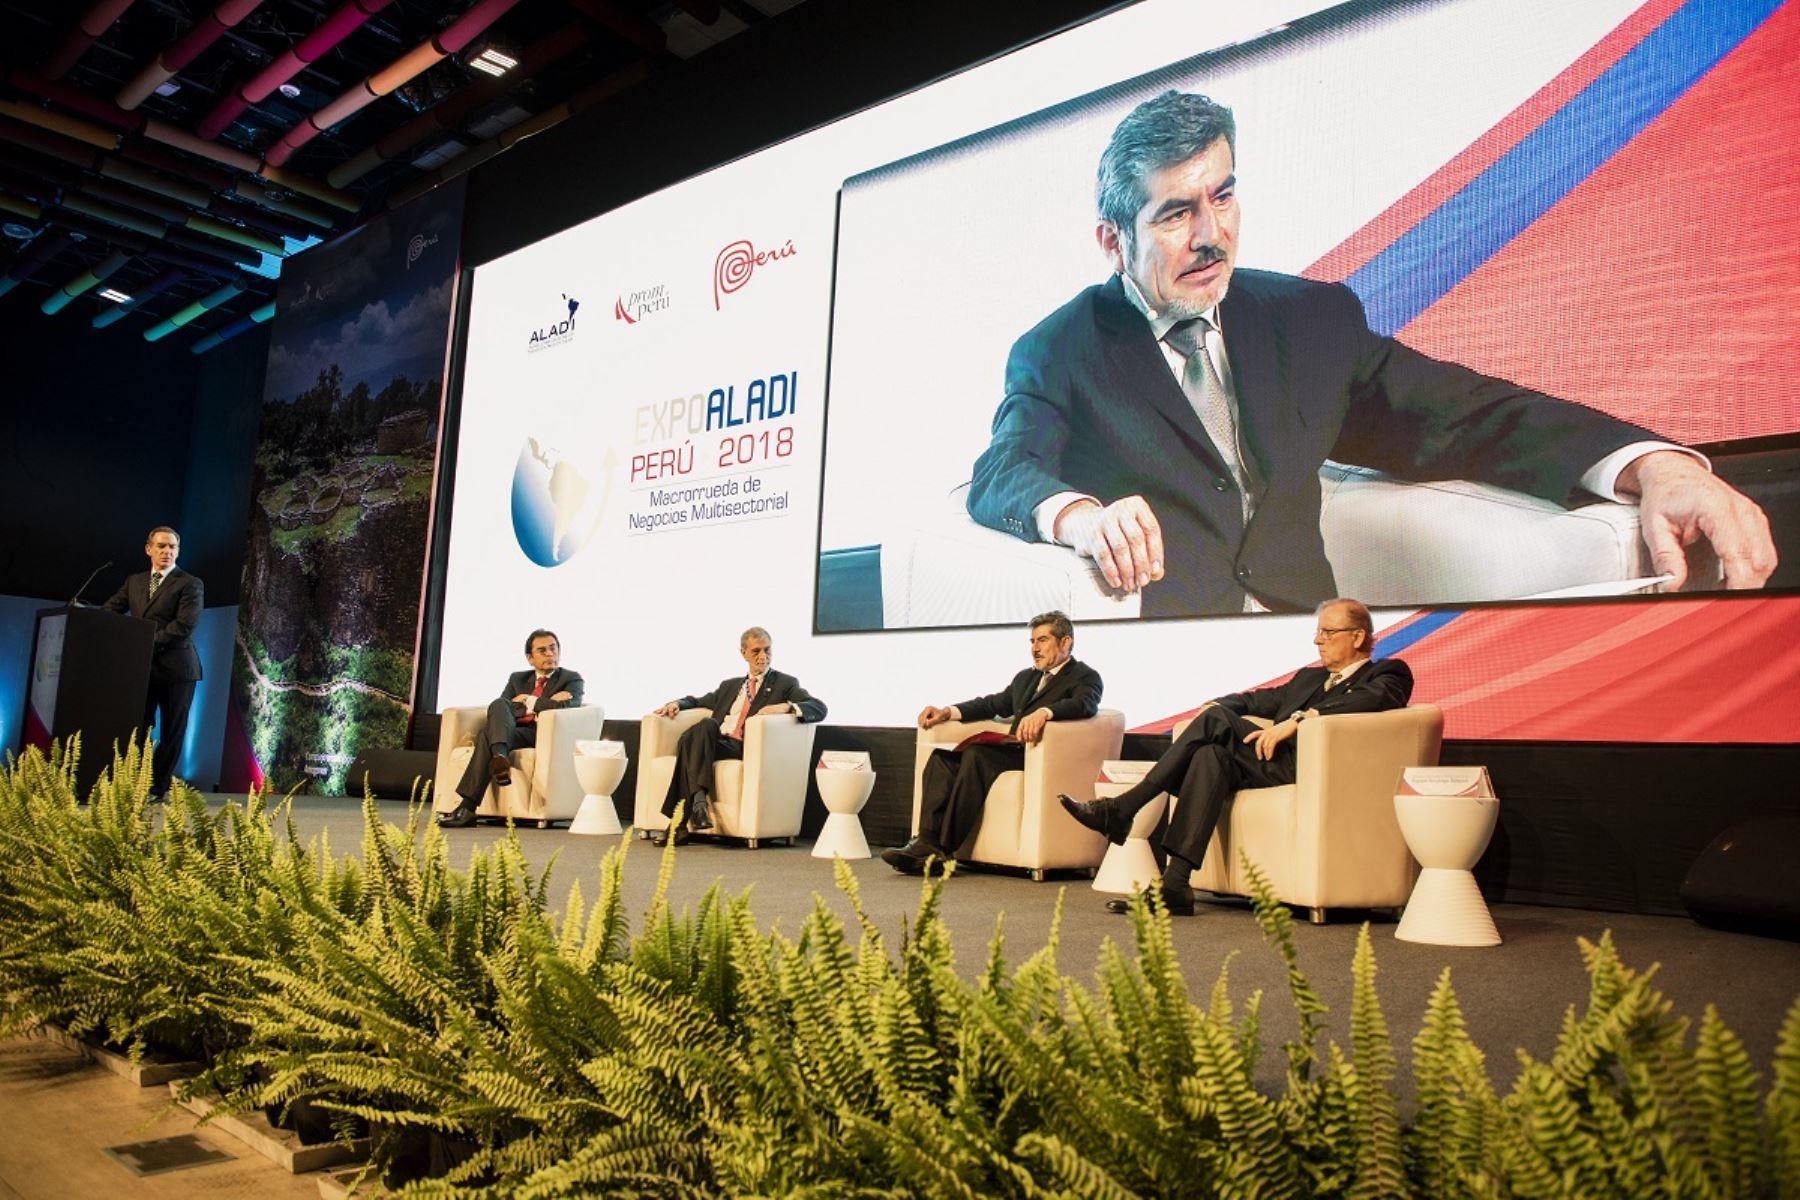 Ministro de Comercio Exterior y Turismo, Rogers Valencia participa en EXPO ALADI - Perú 2018. Foto: Cortesía.